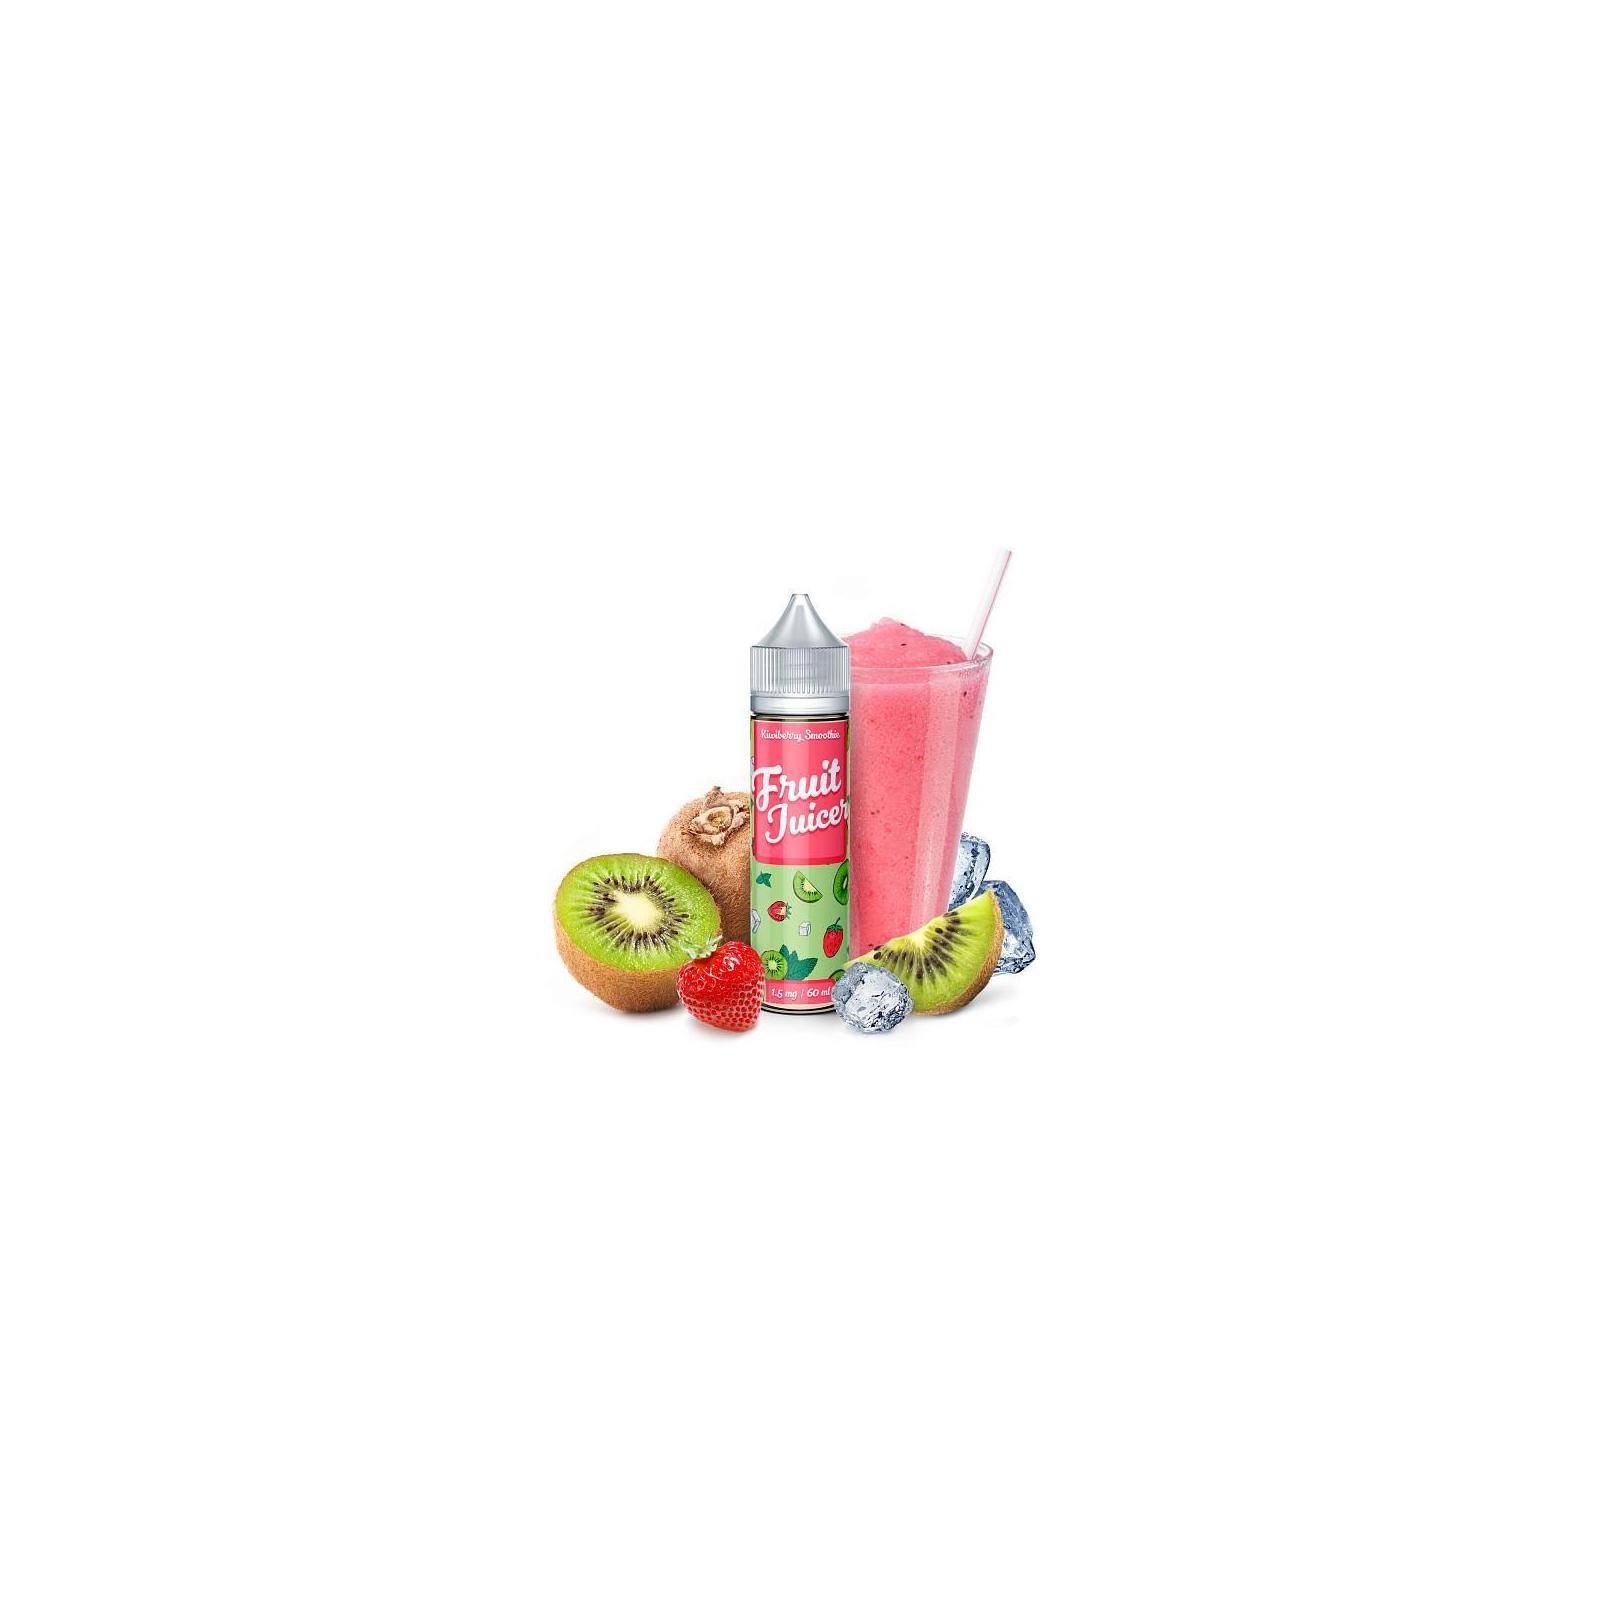 """Жидкость для электронных сигарет Fruit Juicer """"Kiwiberry Smoothie"""" 60 ml 1.5 mg/ml (FJ-KB-1)"""